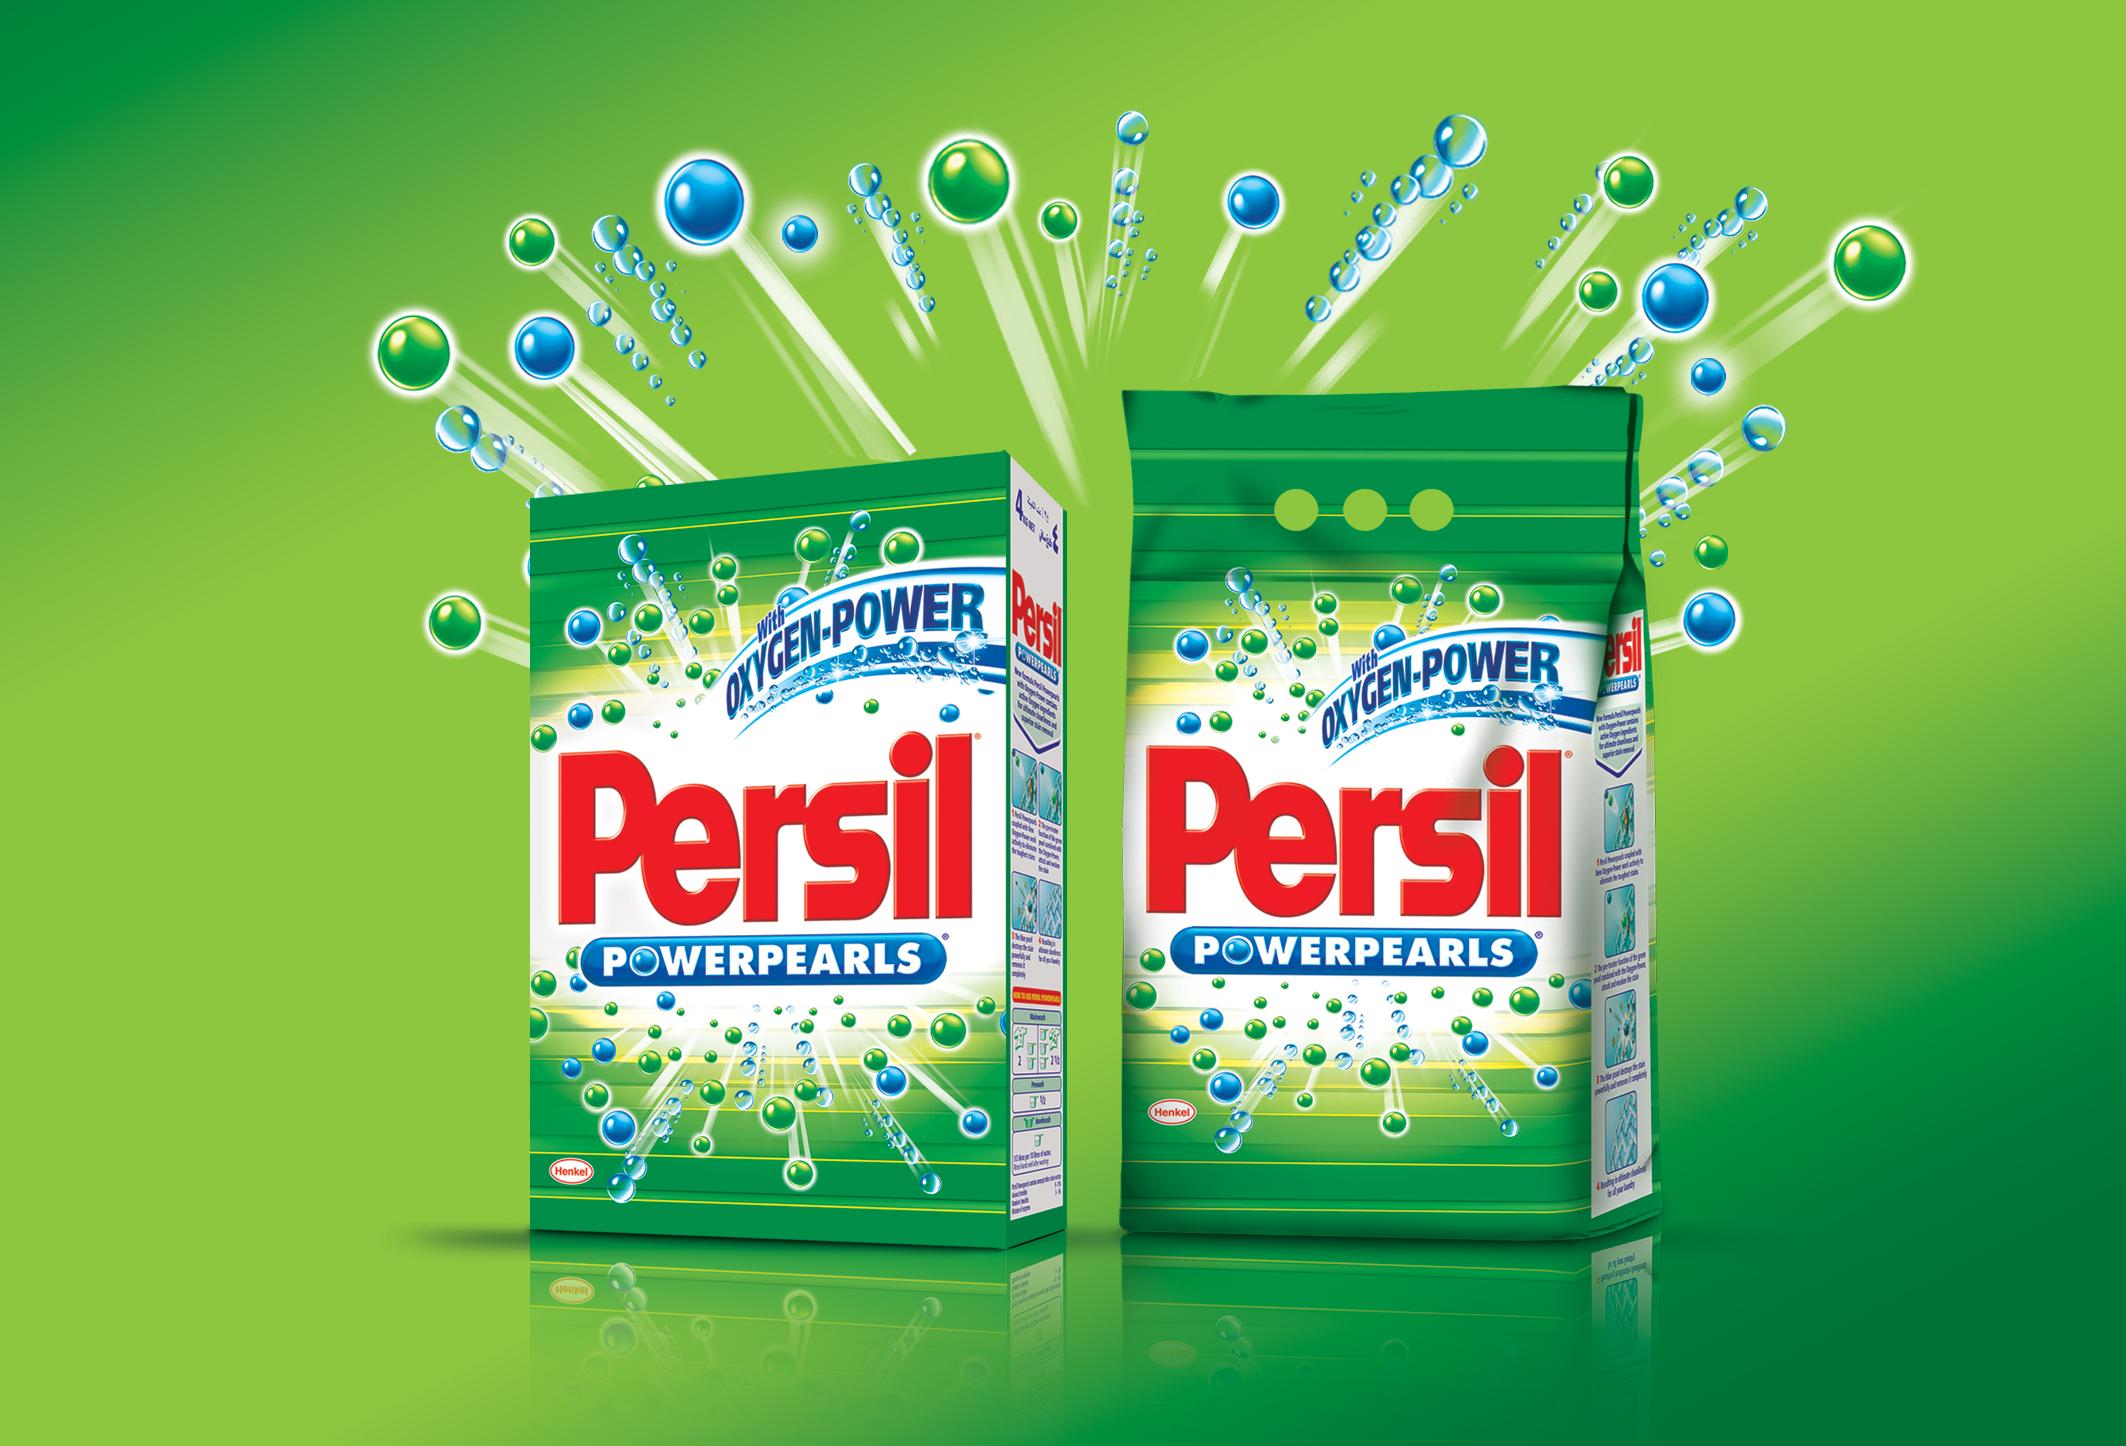 Persil2